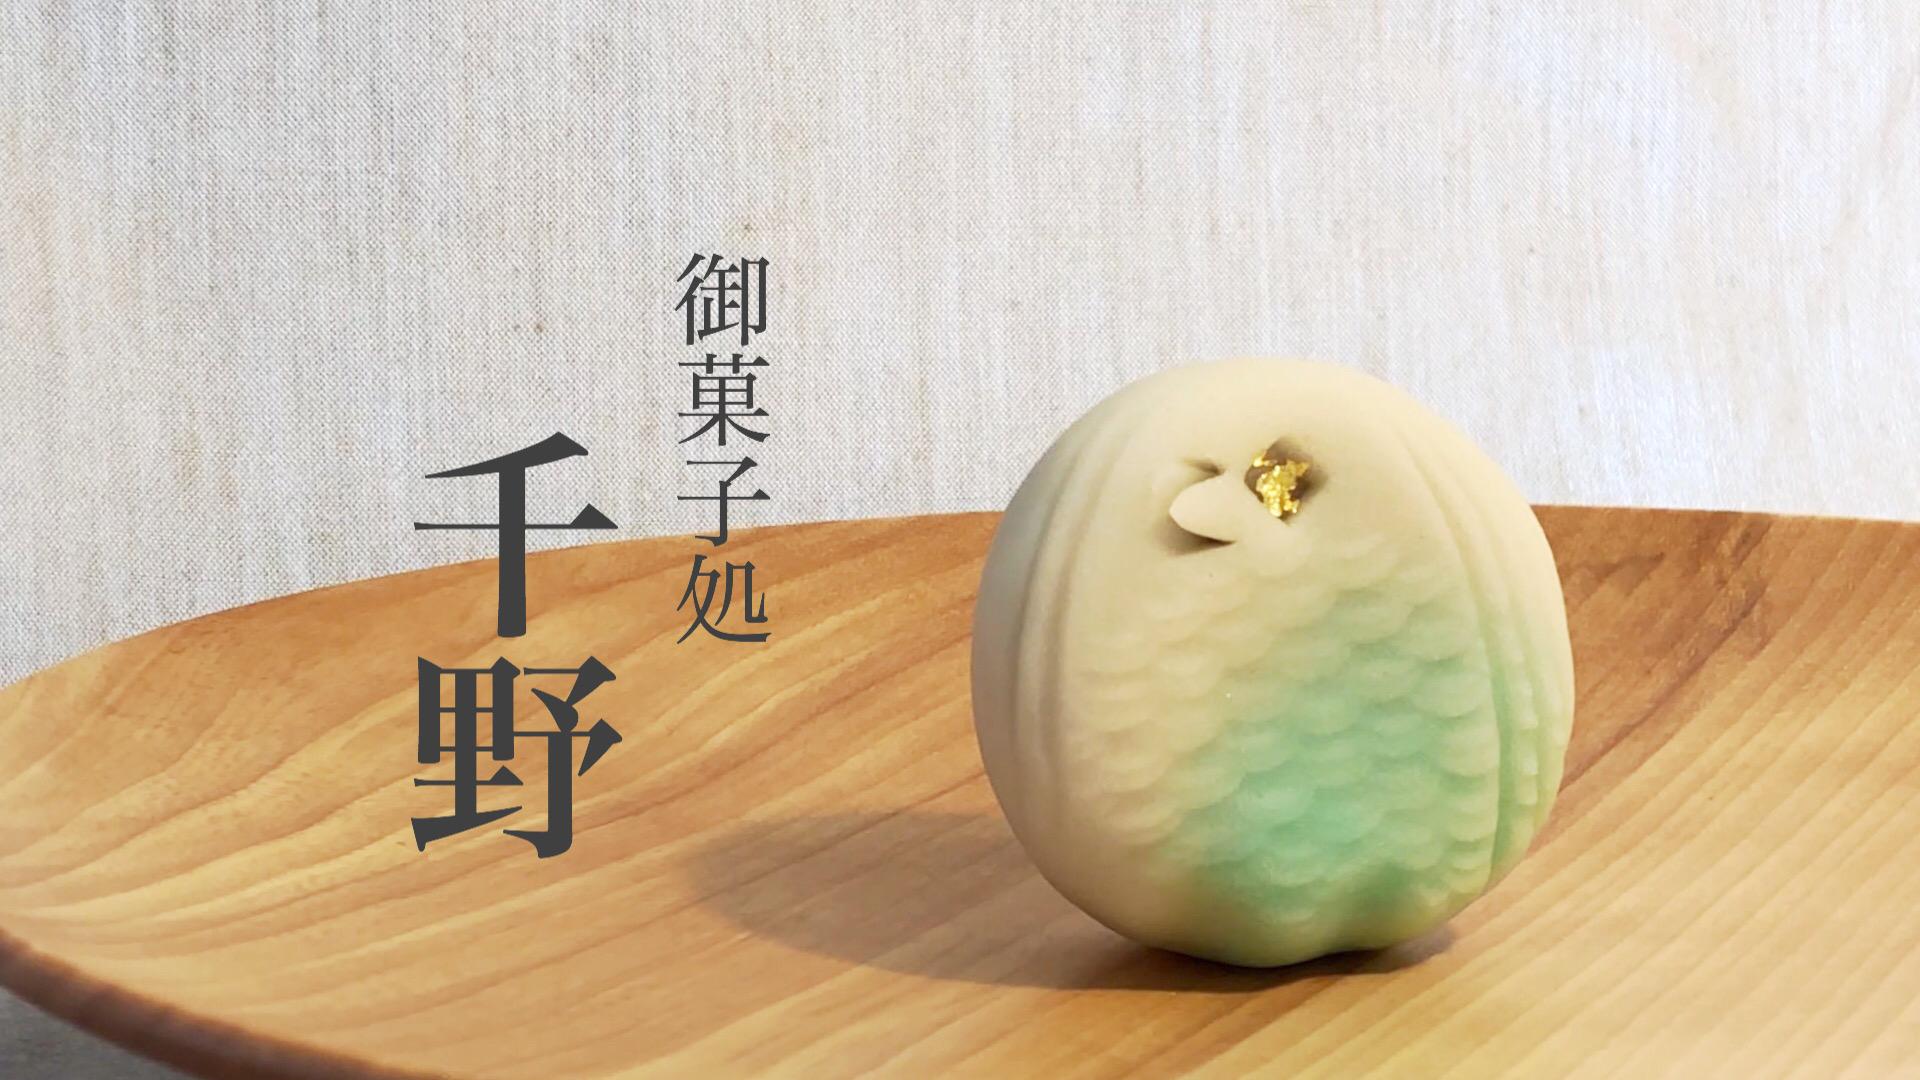 御菓子処 千野 × りずむチャンネル